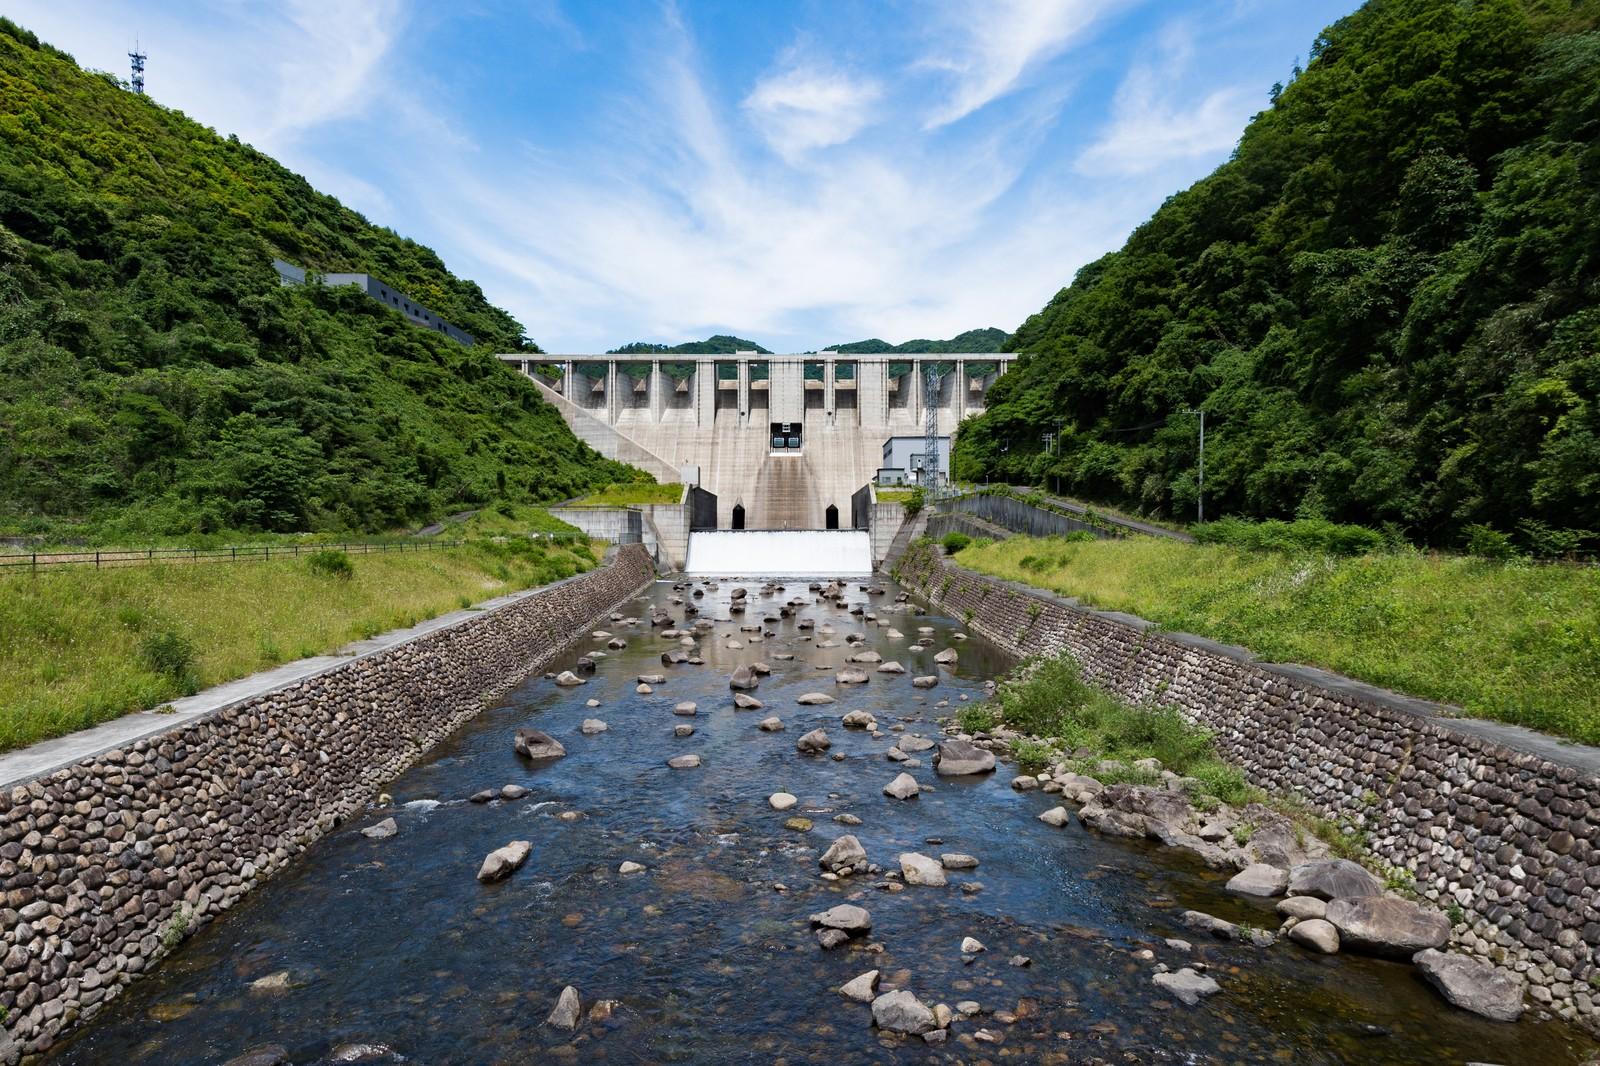 滝沢ダムを見学してみよう!ループ橋など綺麗な景色も楽しめる!